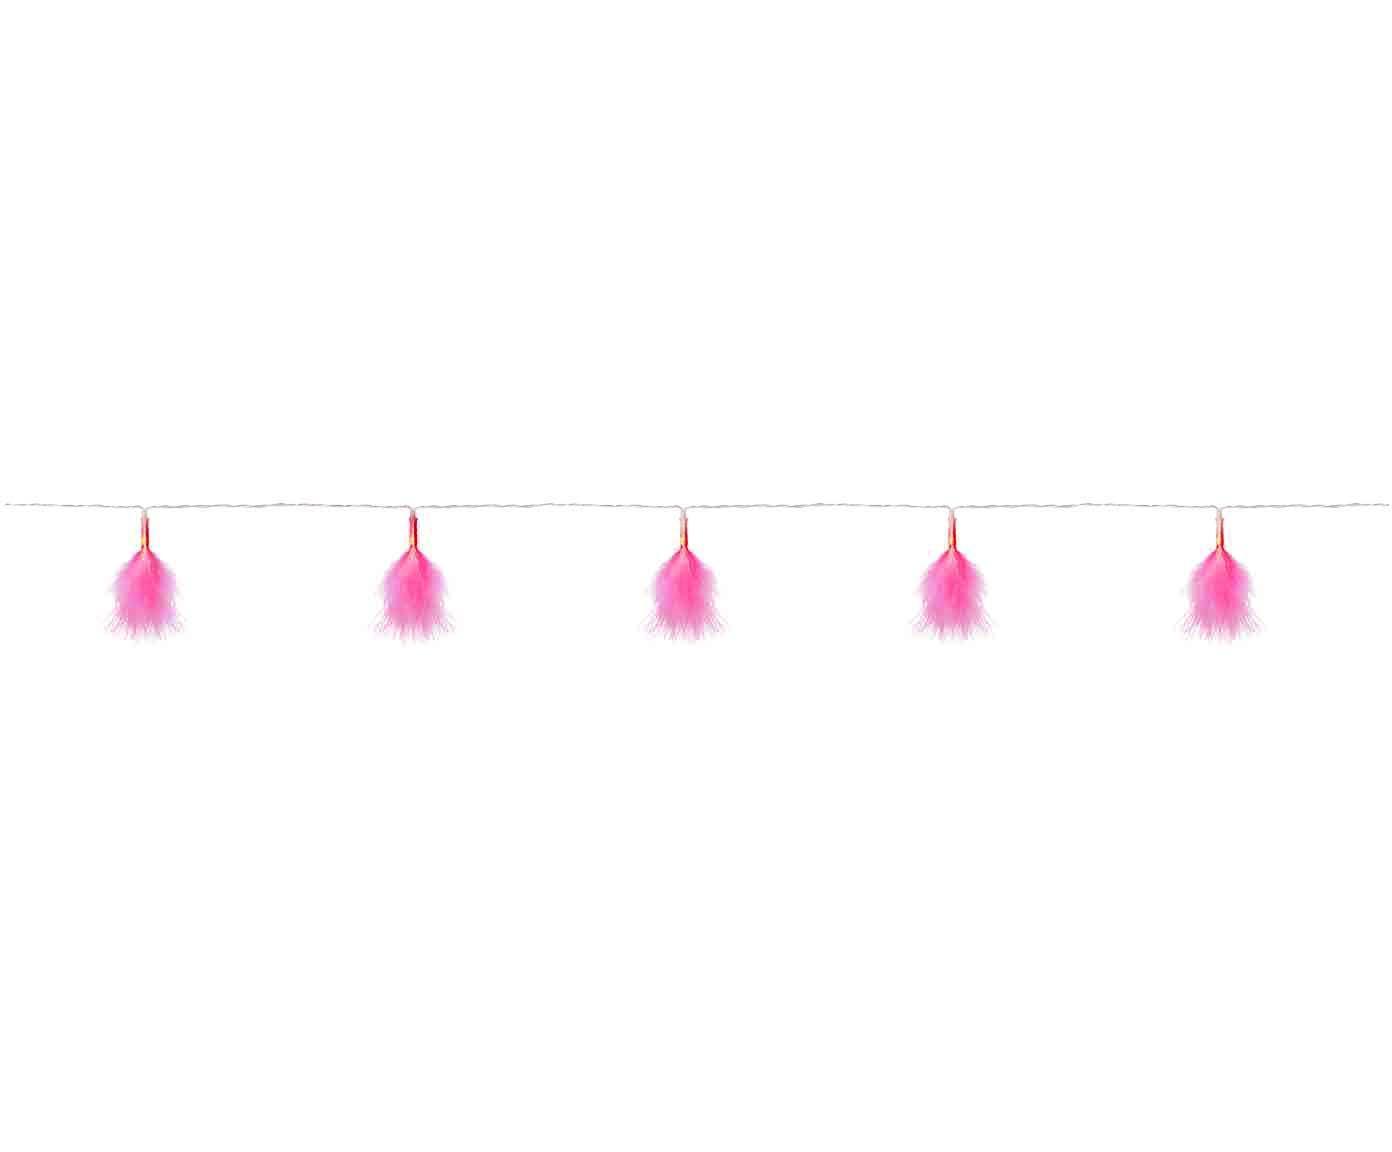 Guirnalda de luces LED Dun, Plástico, poliéster, Rosa, transparente, L 270 cm